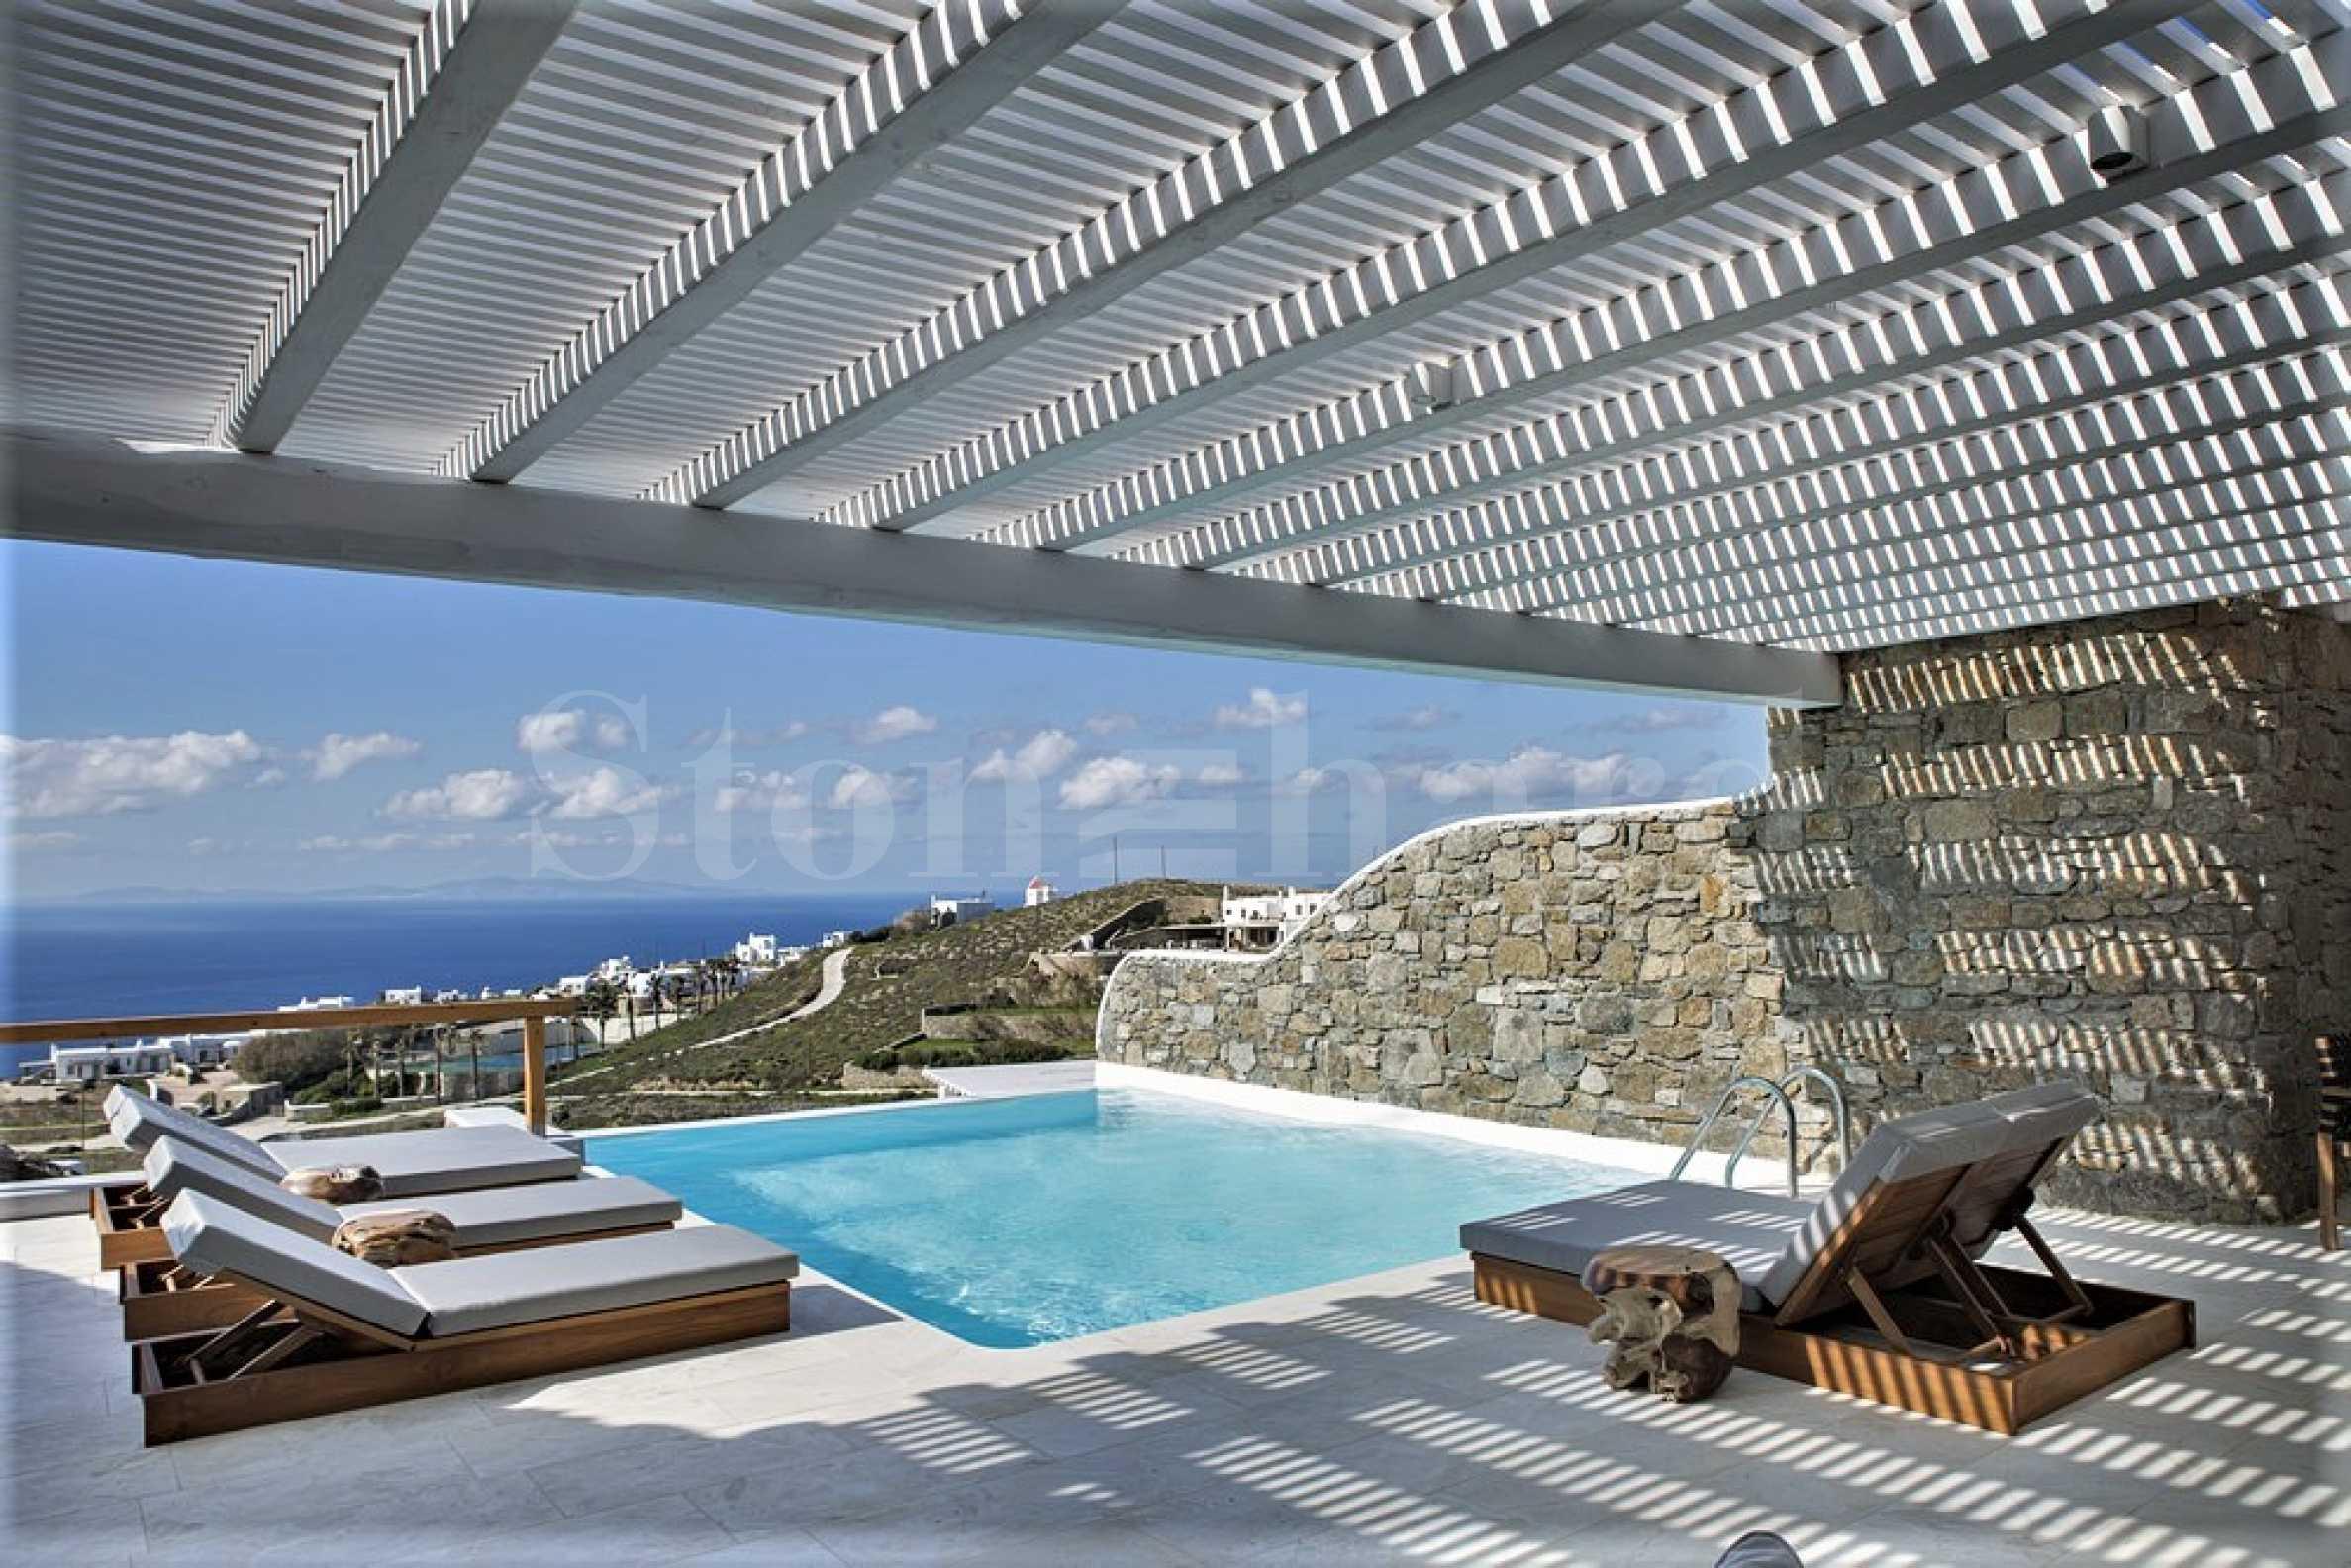 Инвестиционен проект на о-в Миконос, в непосредствена близост до два плажа2 - Stonehard